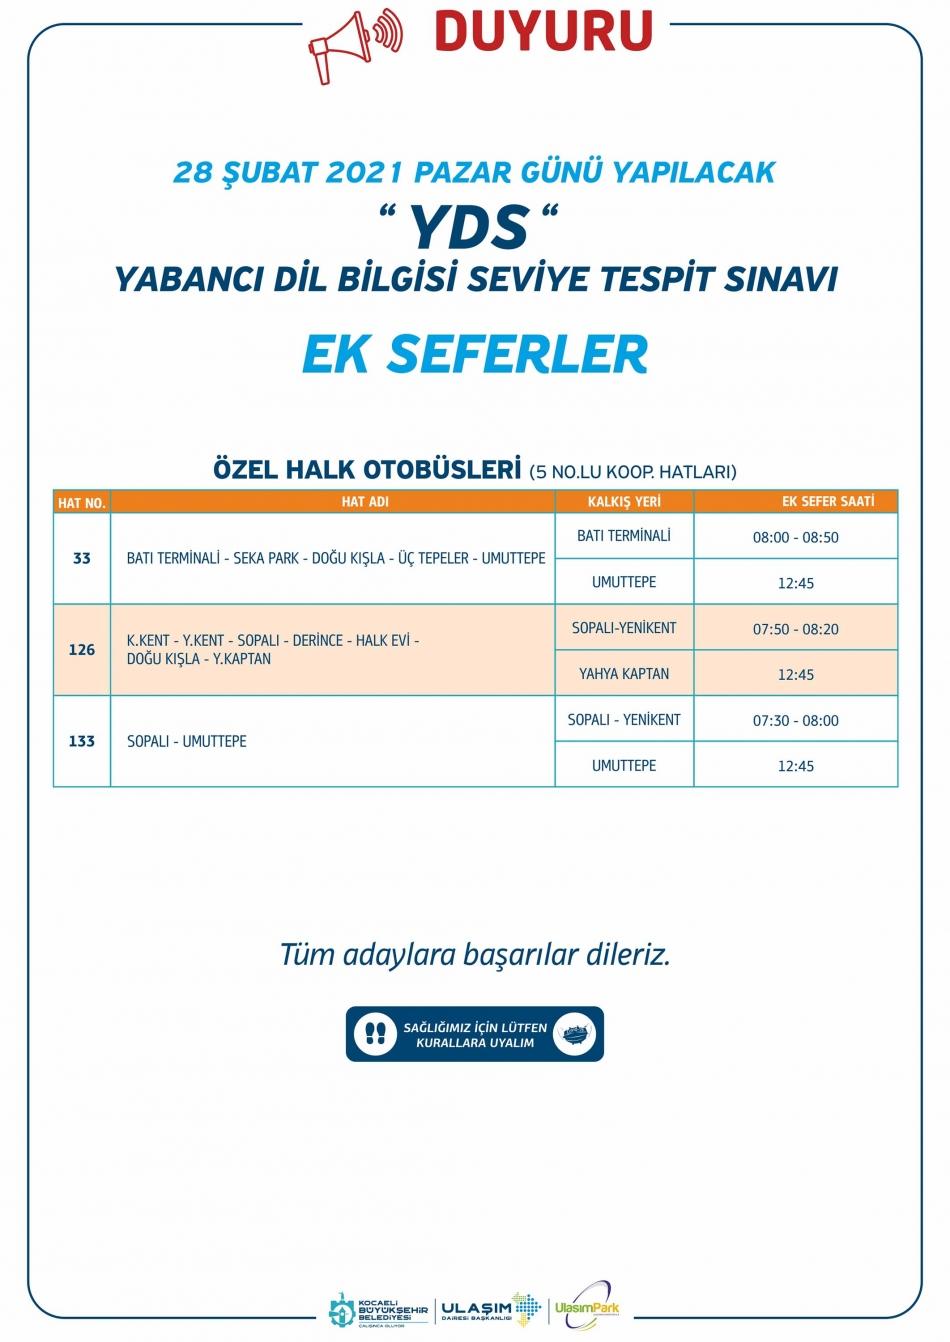 2021/02/1614349568_yds_ek_seferler_2021_-_26-02-2021_Ozel.jpg